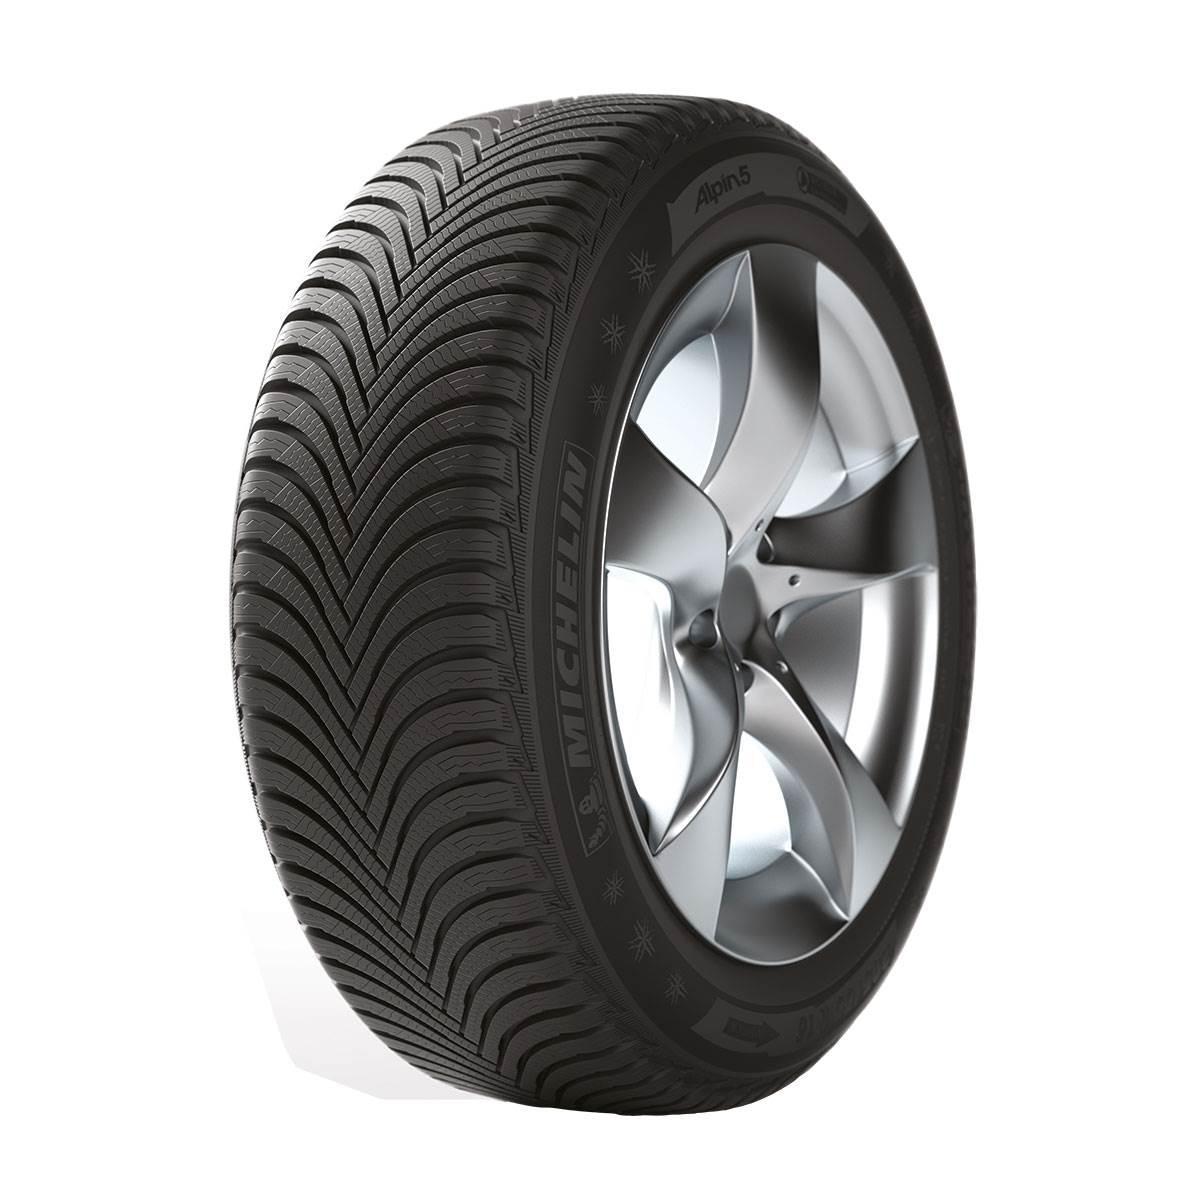 Pneu Hiver Michelin 195/50R16 88H Alpin A5 XL